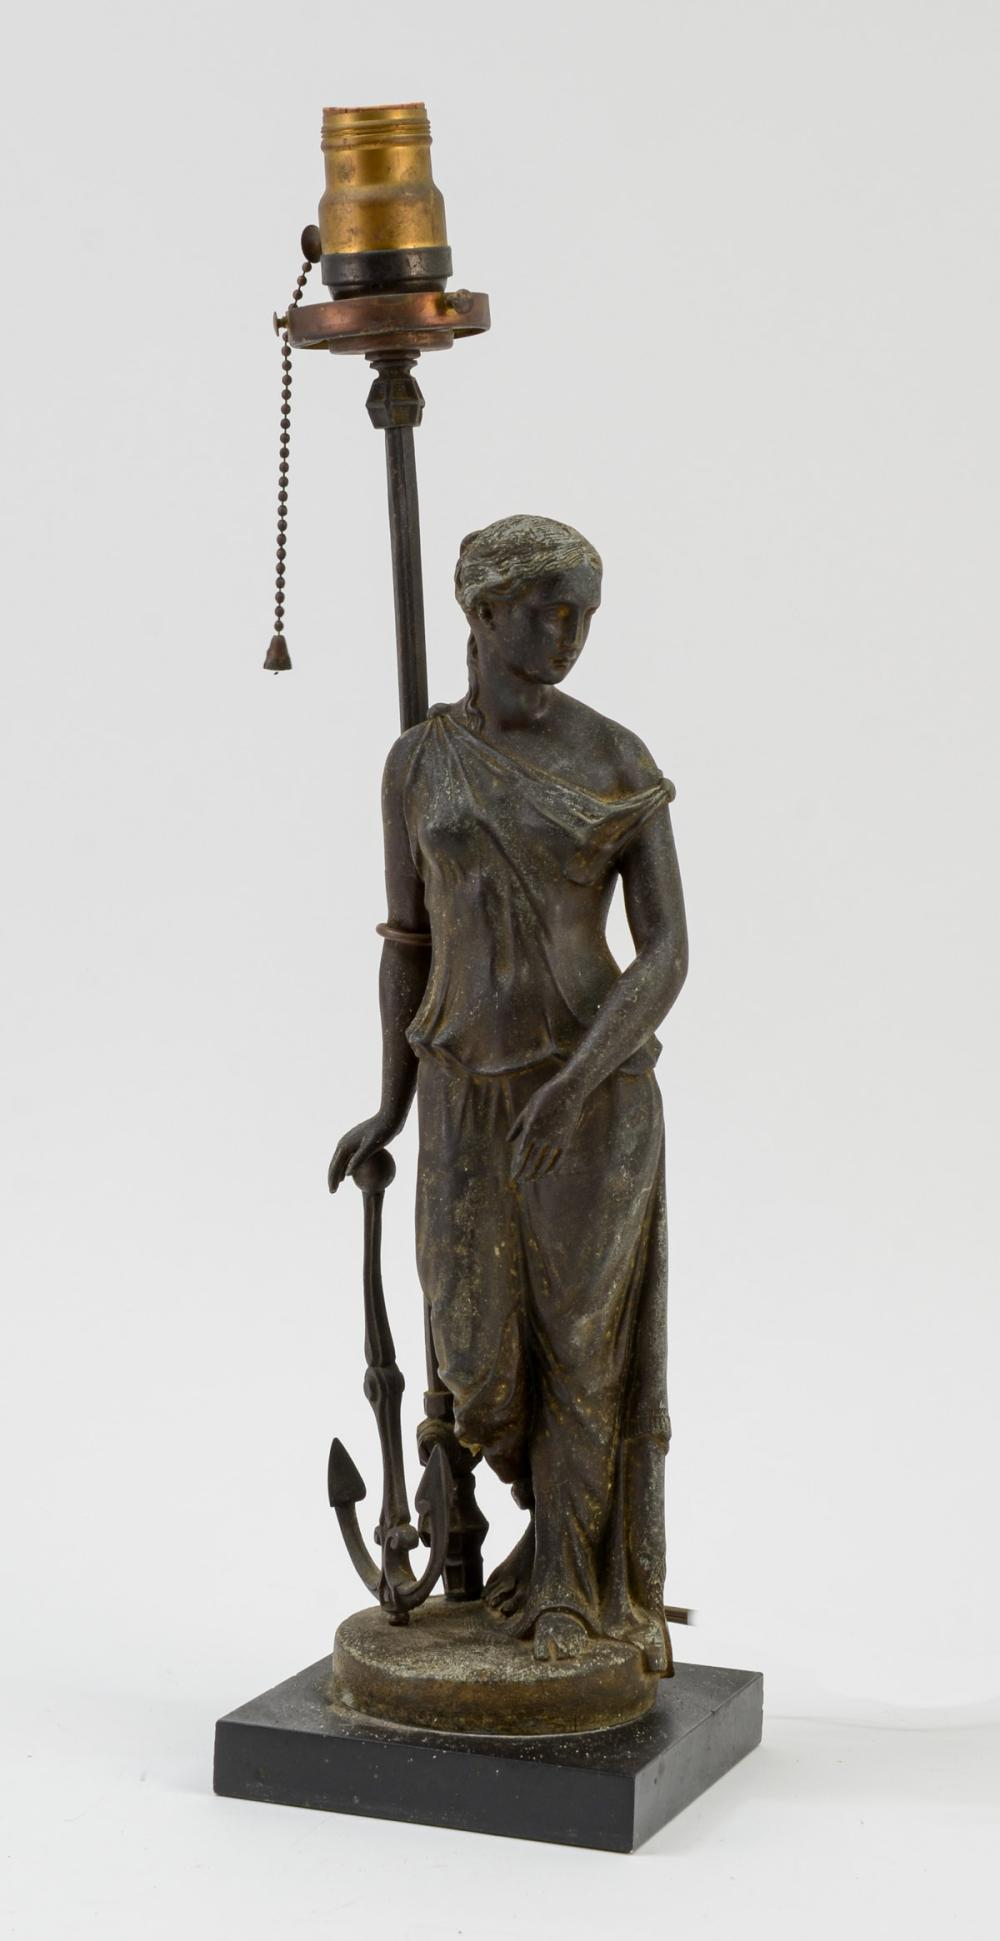 Figural Newel Post Lamp